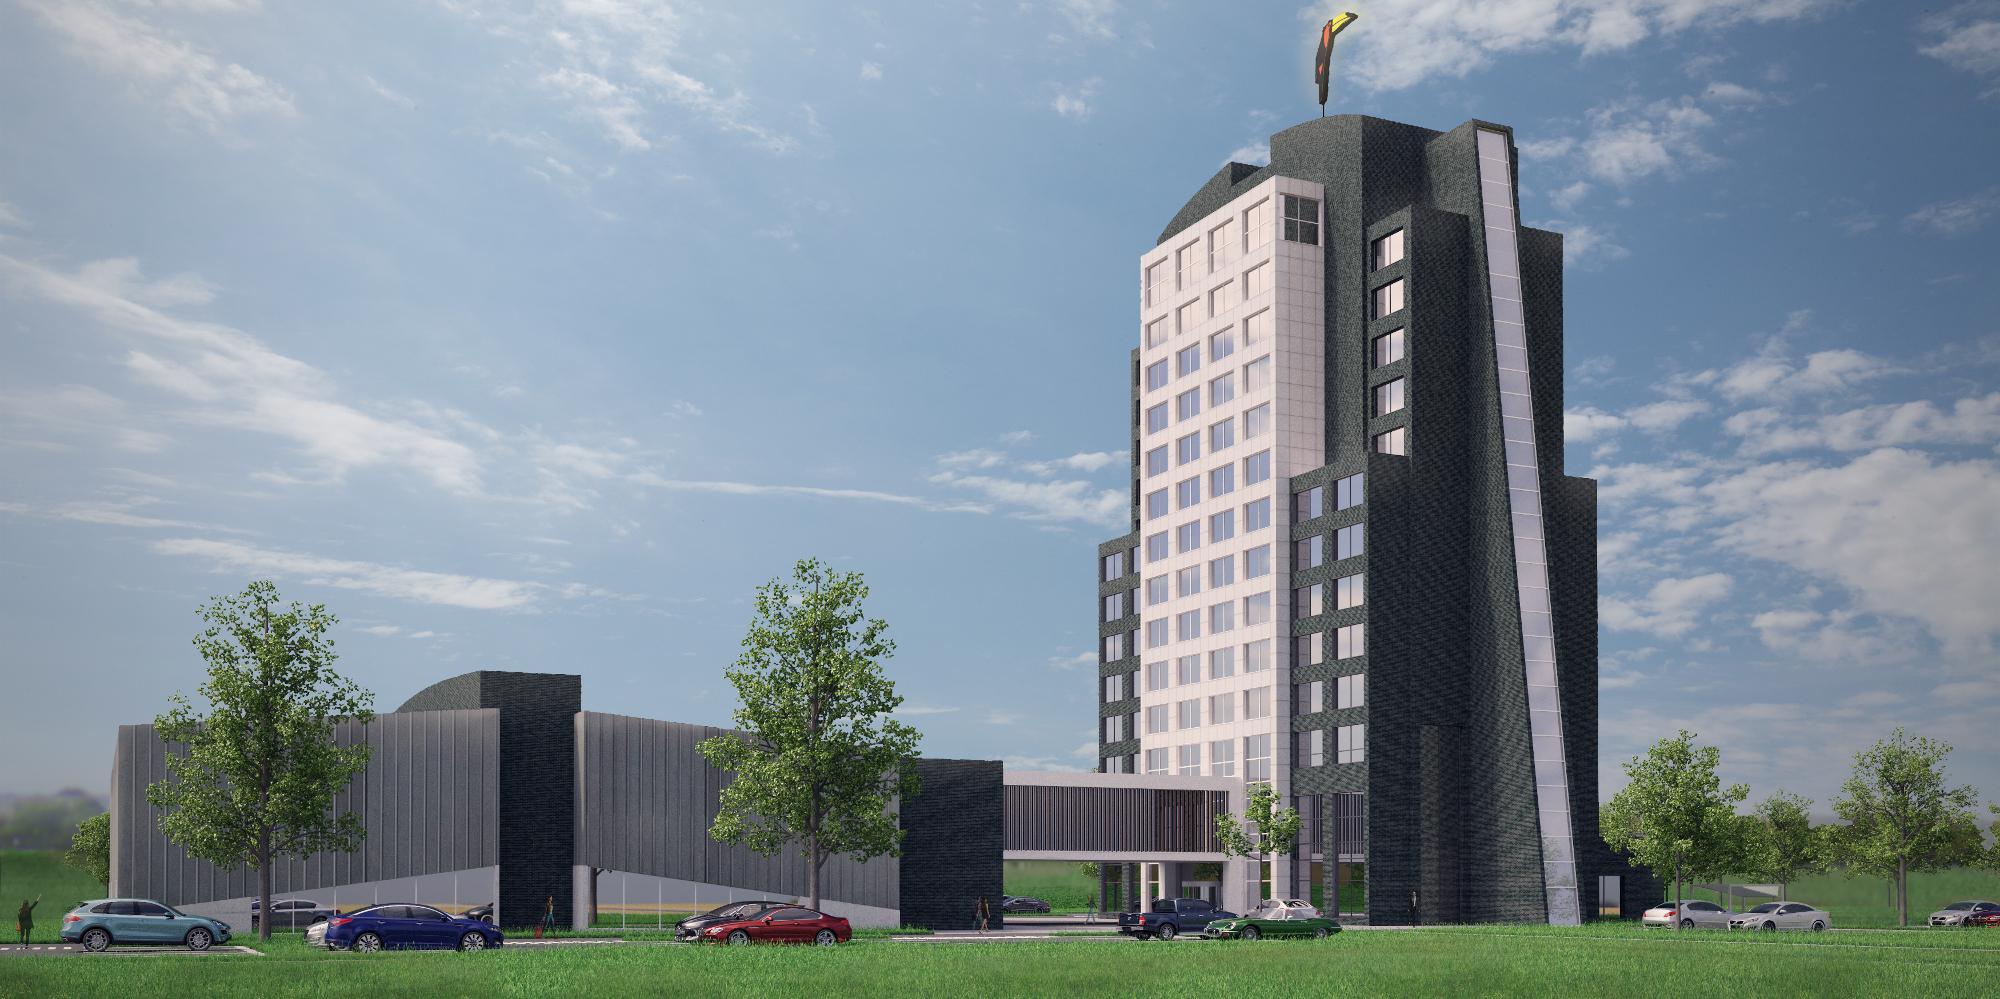 Hotel Van der Valk - Weert